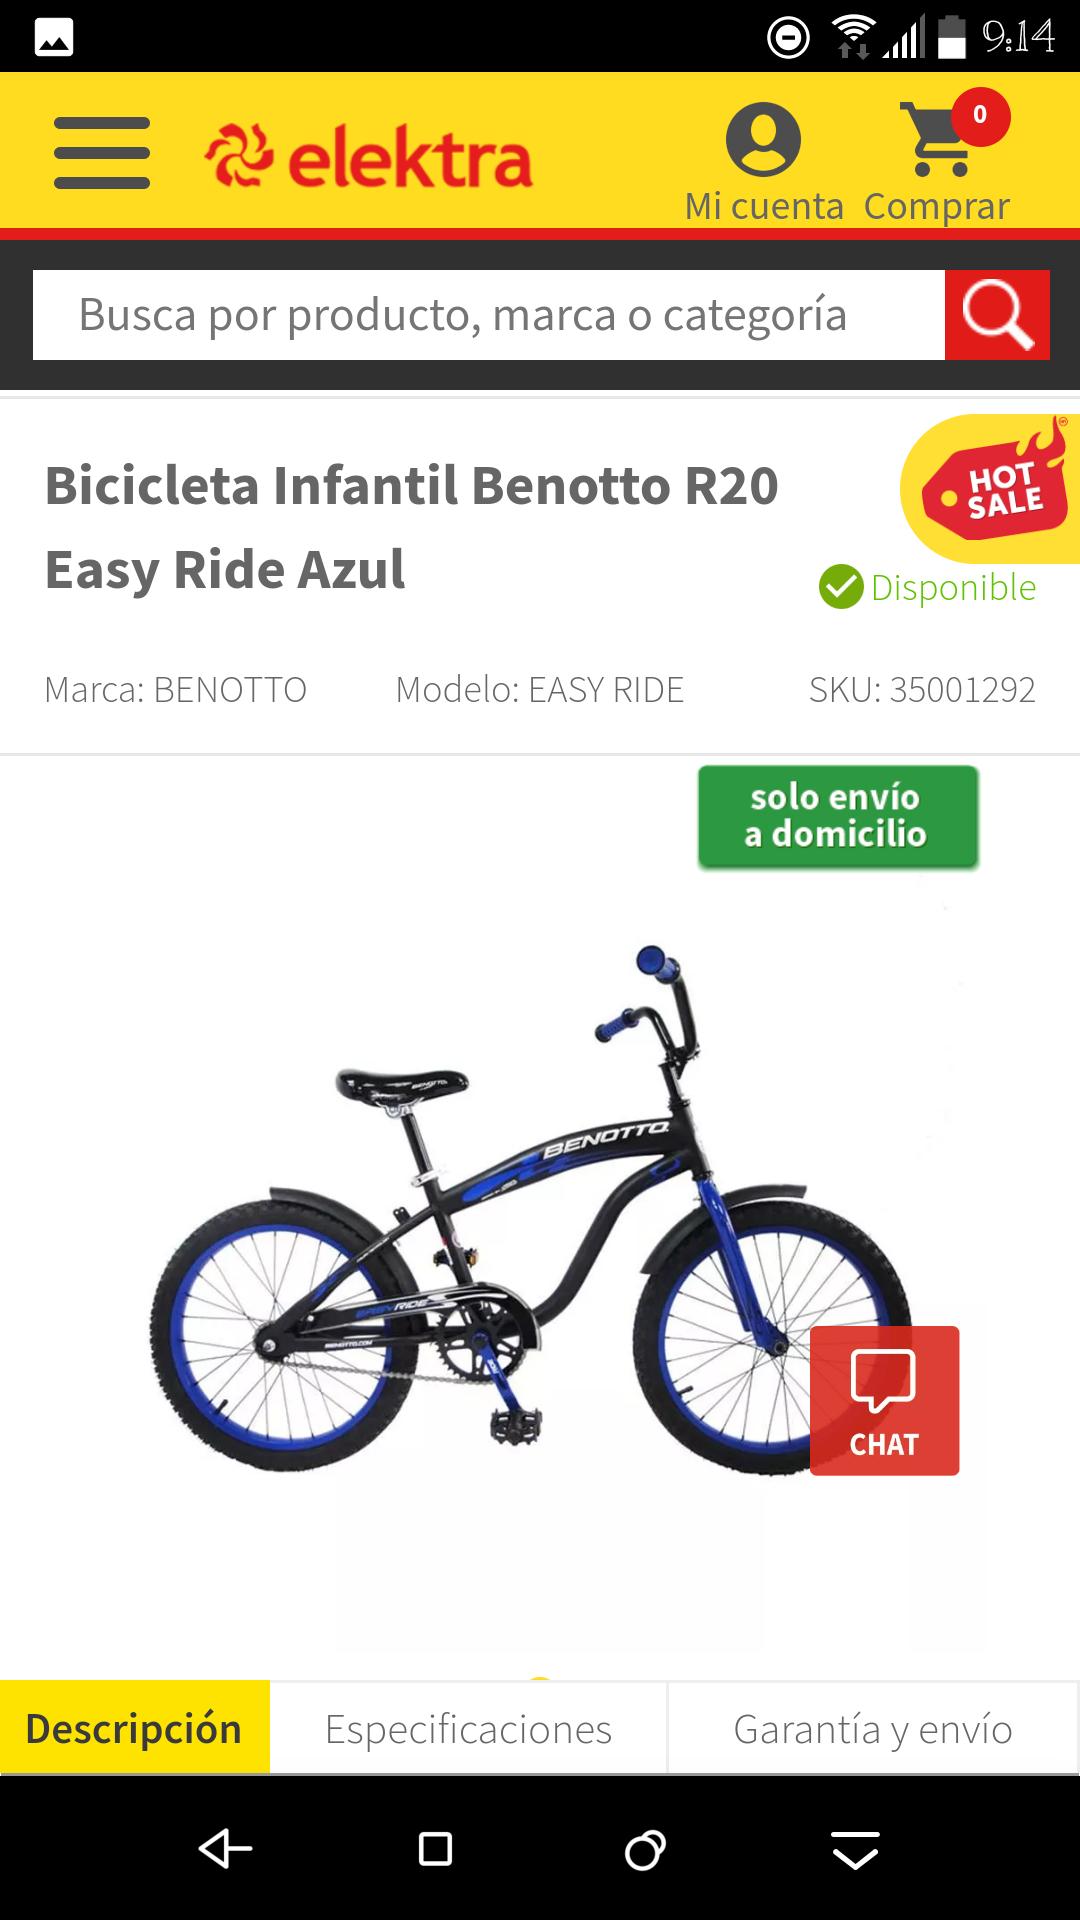 Elektra: Bicicleta R20 benotto azul easy ride (para niño)